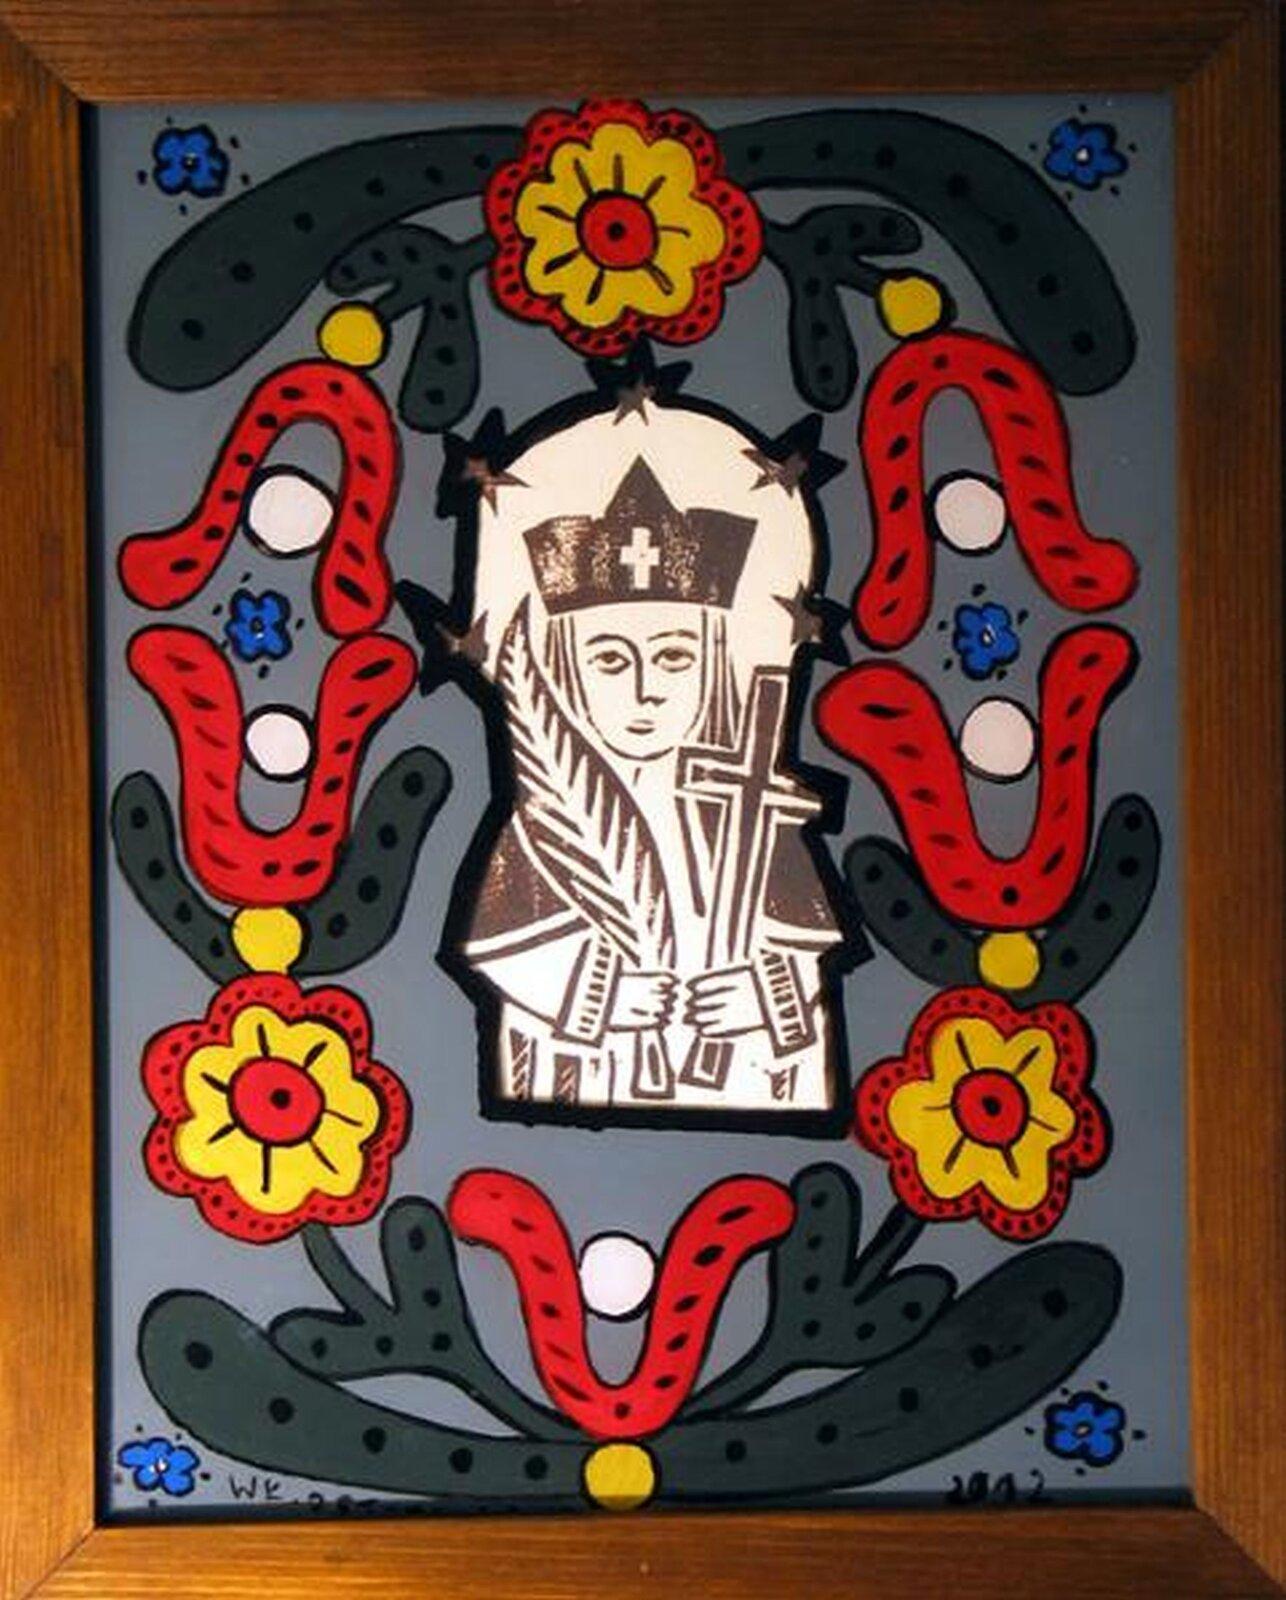 """Ilustracja przedstawia malowidło """"Św. Jan Nepomucen"""" Włodzimierza Ostoji-Lniskiego. Święty umieszczony jest wcentrum. Na głowie ma czarny biret zkrzyżem. Wjednej dłoni trzyma palmę, wdrugiej krzyż. Otoczony jest motywami ludowymi wpostaci kwiatów iliści."""